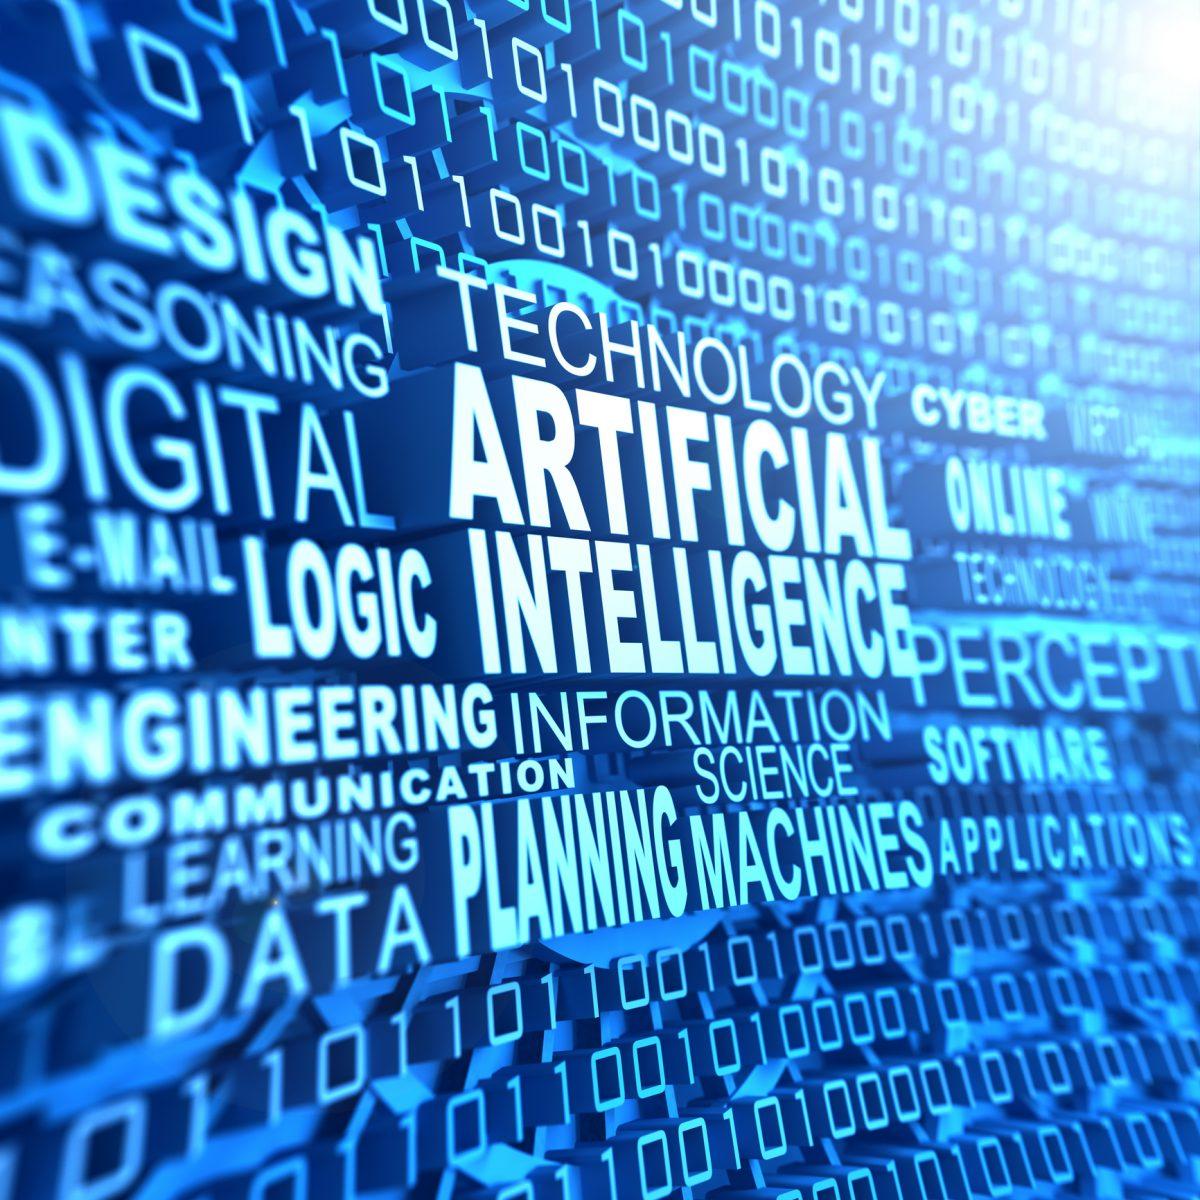 Inteligência Artificial: Estamos à beira da 4ª revolução industrial, dizem especialistas